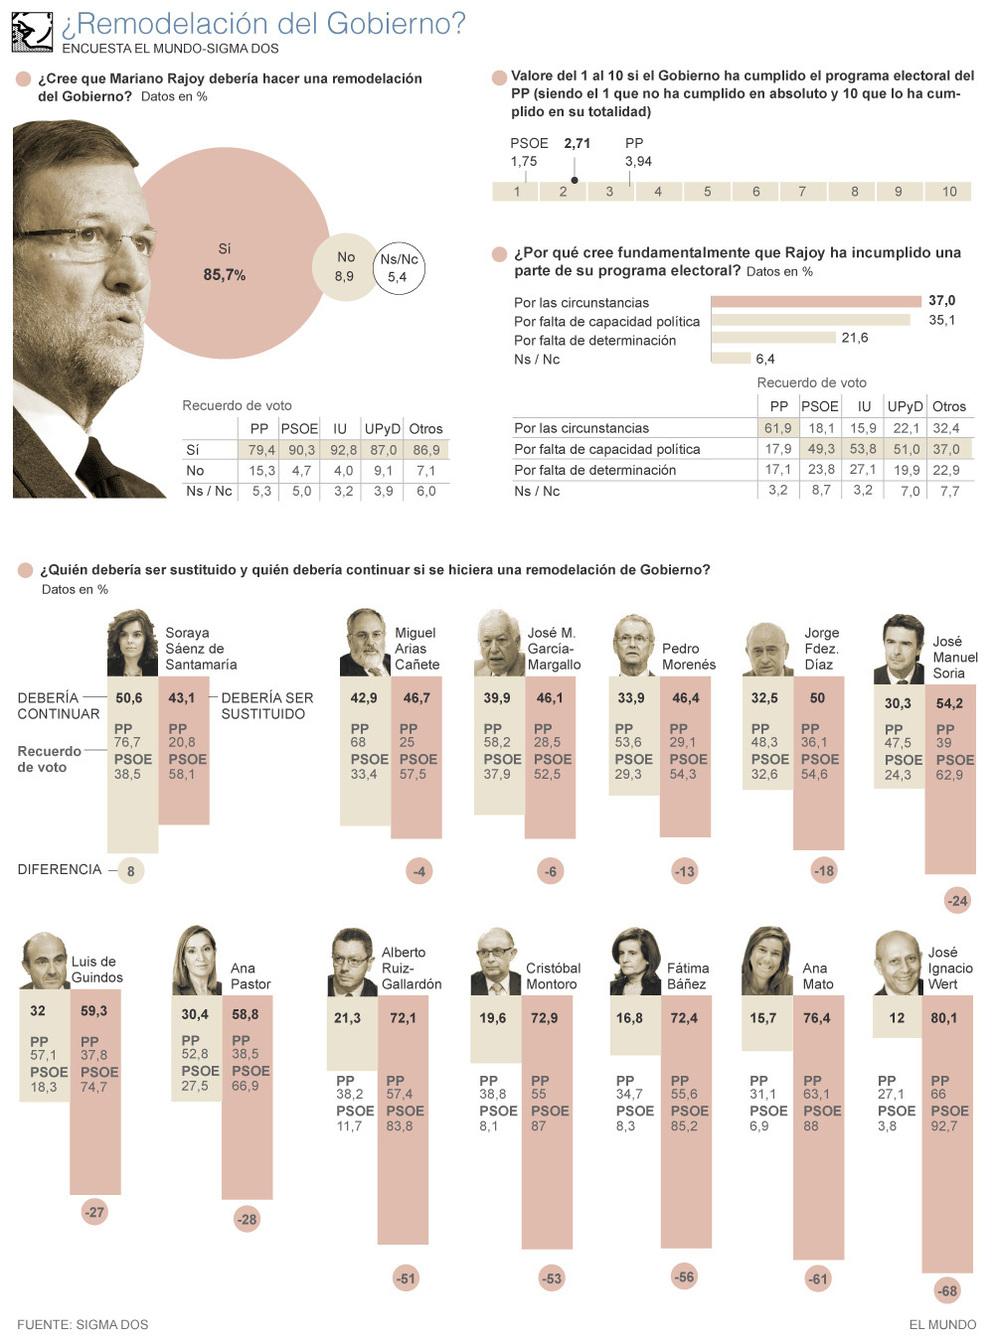 Datos sobre una posible remodelación del gobierno y valoración de los actuales ministros.